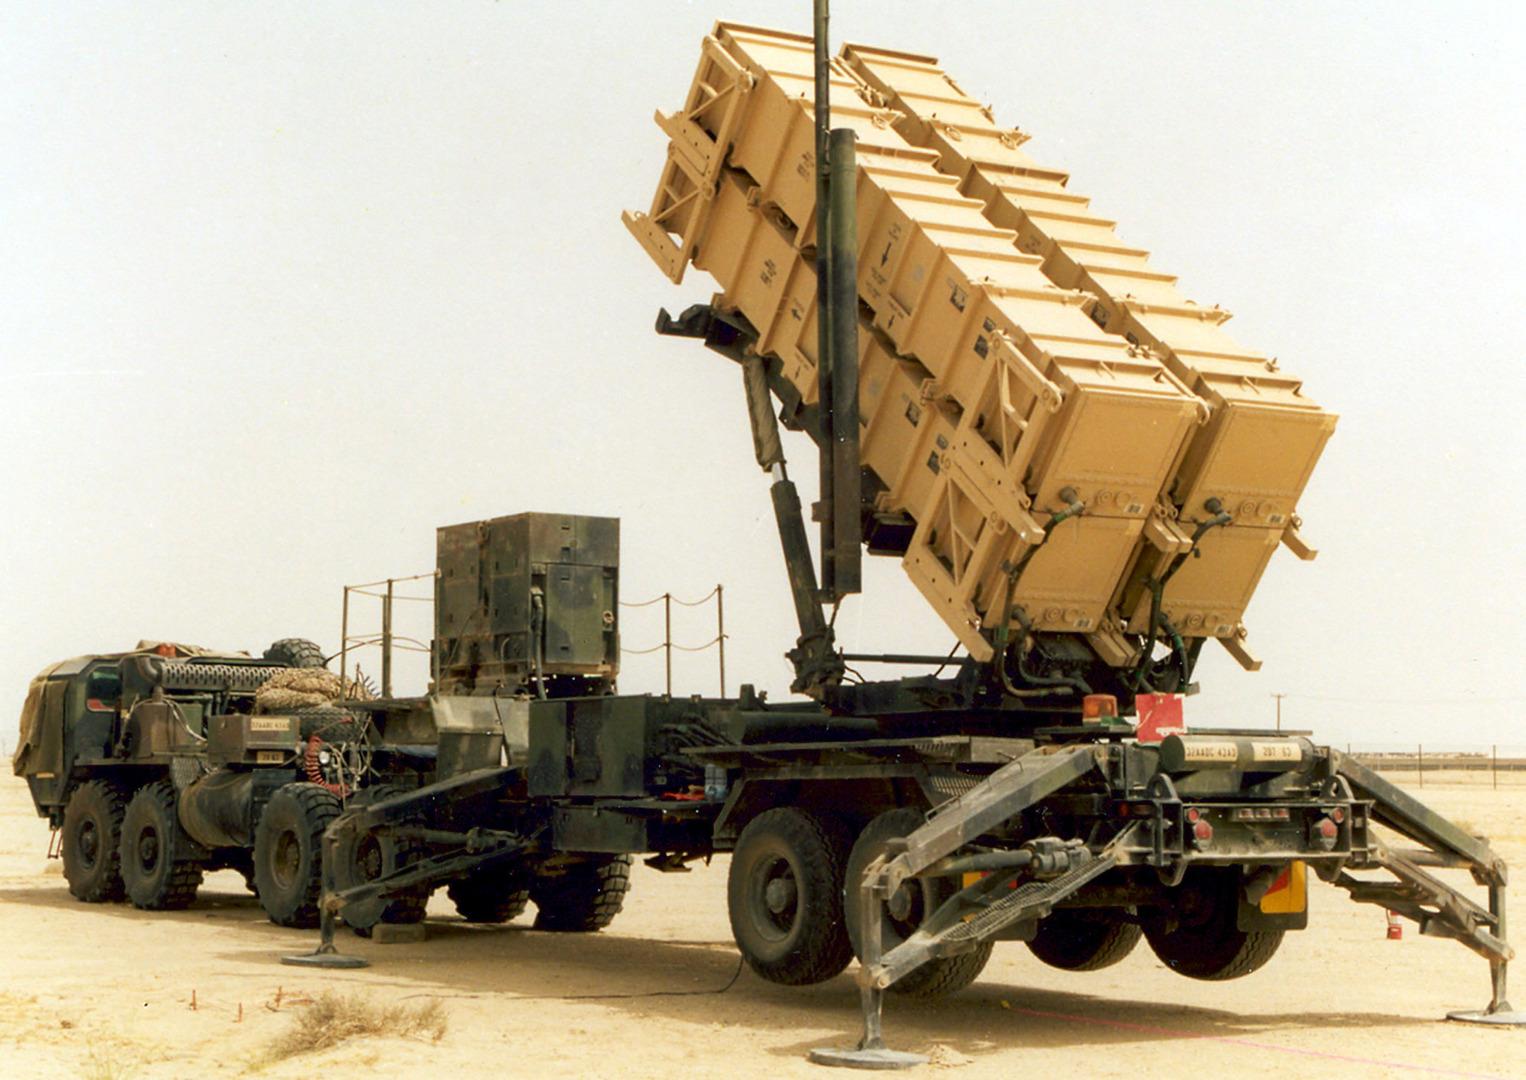 """منظومة صاروخية من طراز """"باتريوت"""" تابعة للقوات المسلحة الكويتية (أرشيف),"""